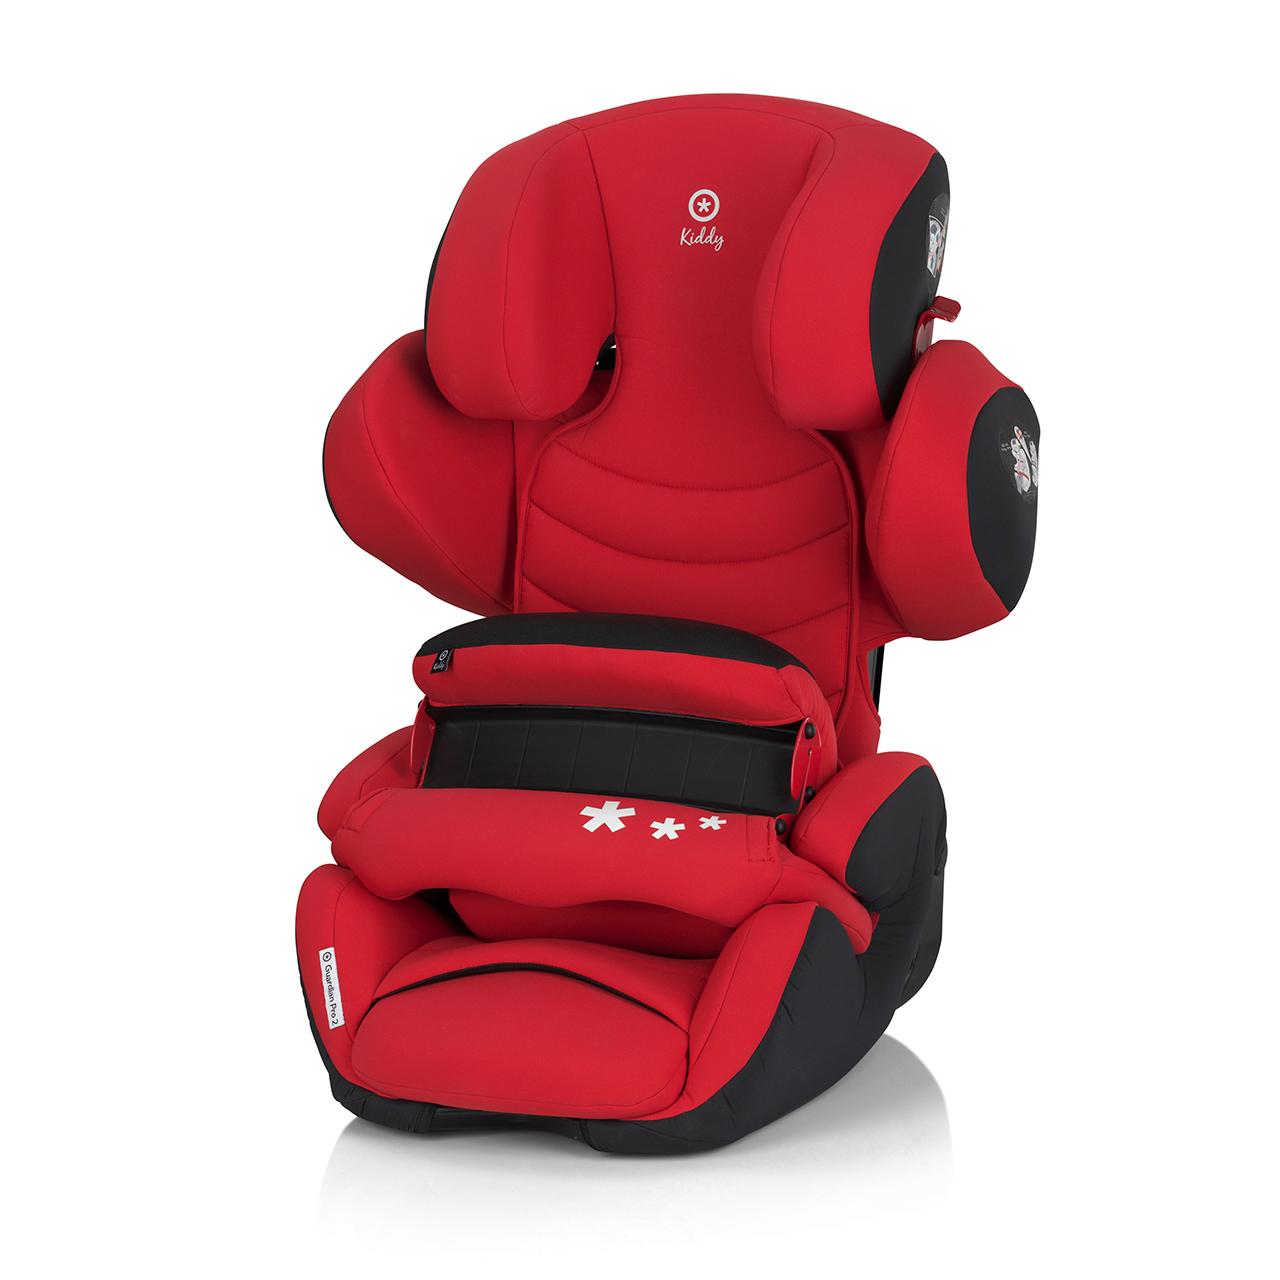 奇帝kiddy可調式汽車安全座椅-辣椒紅(含前置護體)